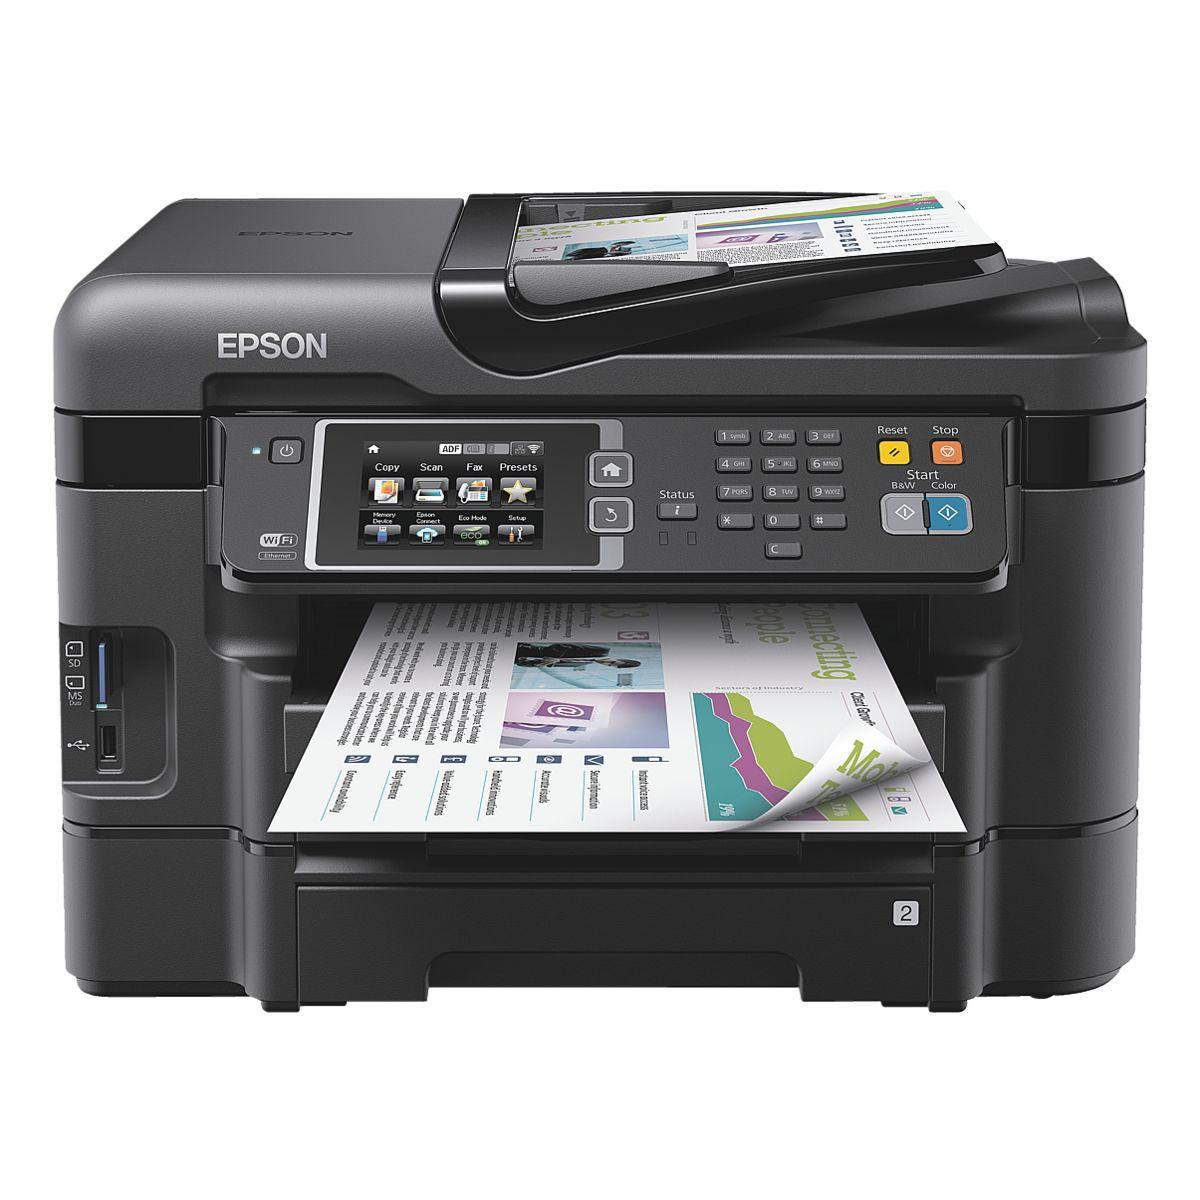 Epson Multifunktionsdrucker WorkForce WF-3640DTWF | Tintenstrahl | Duplex | 2 Papiereinschübe